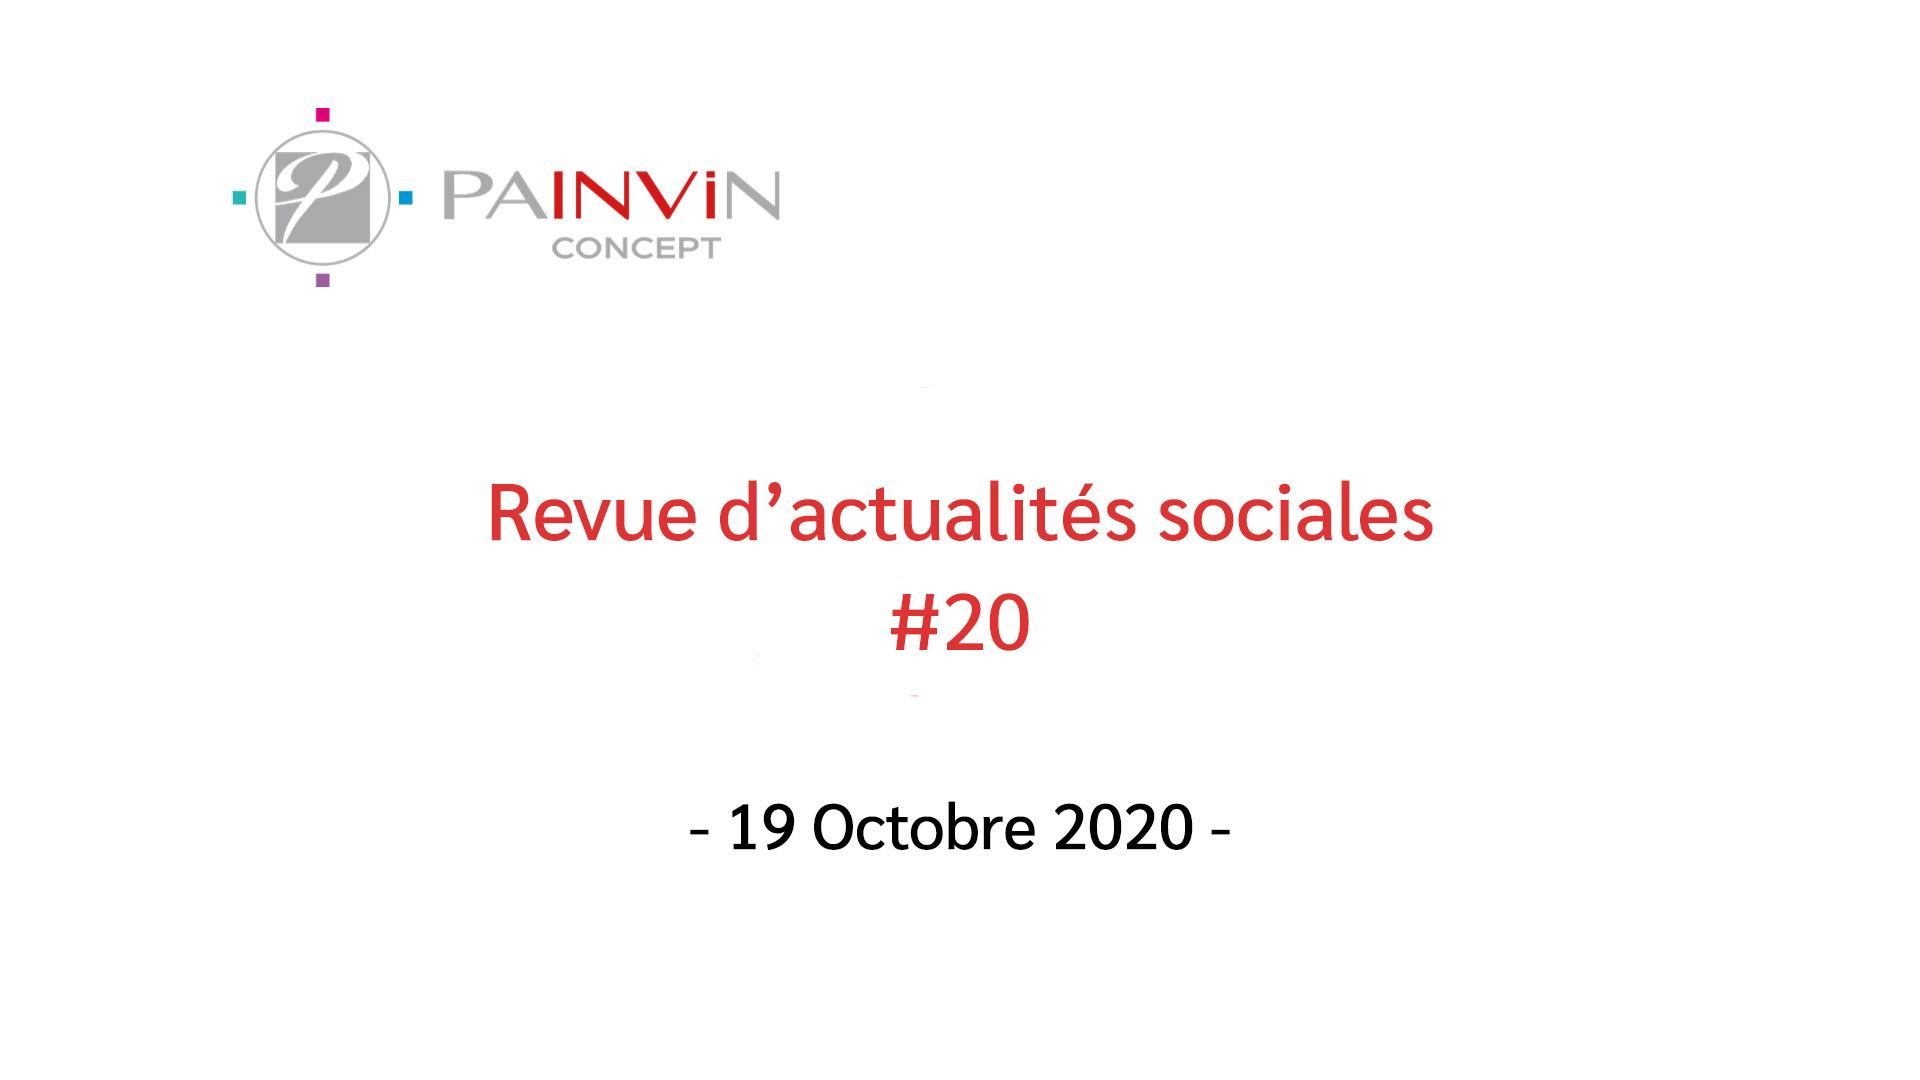 Revues d'actualités sociales du 19 Octobre 2020